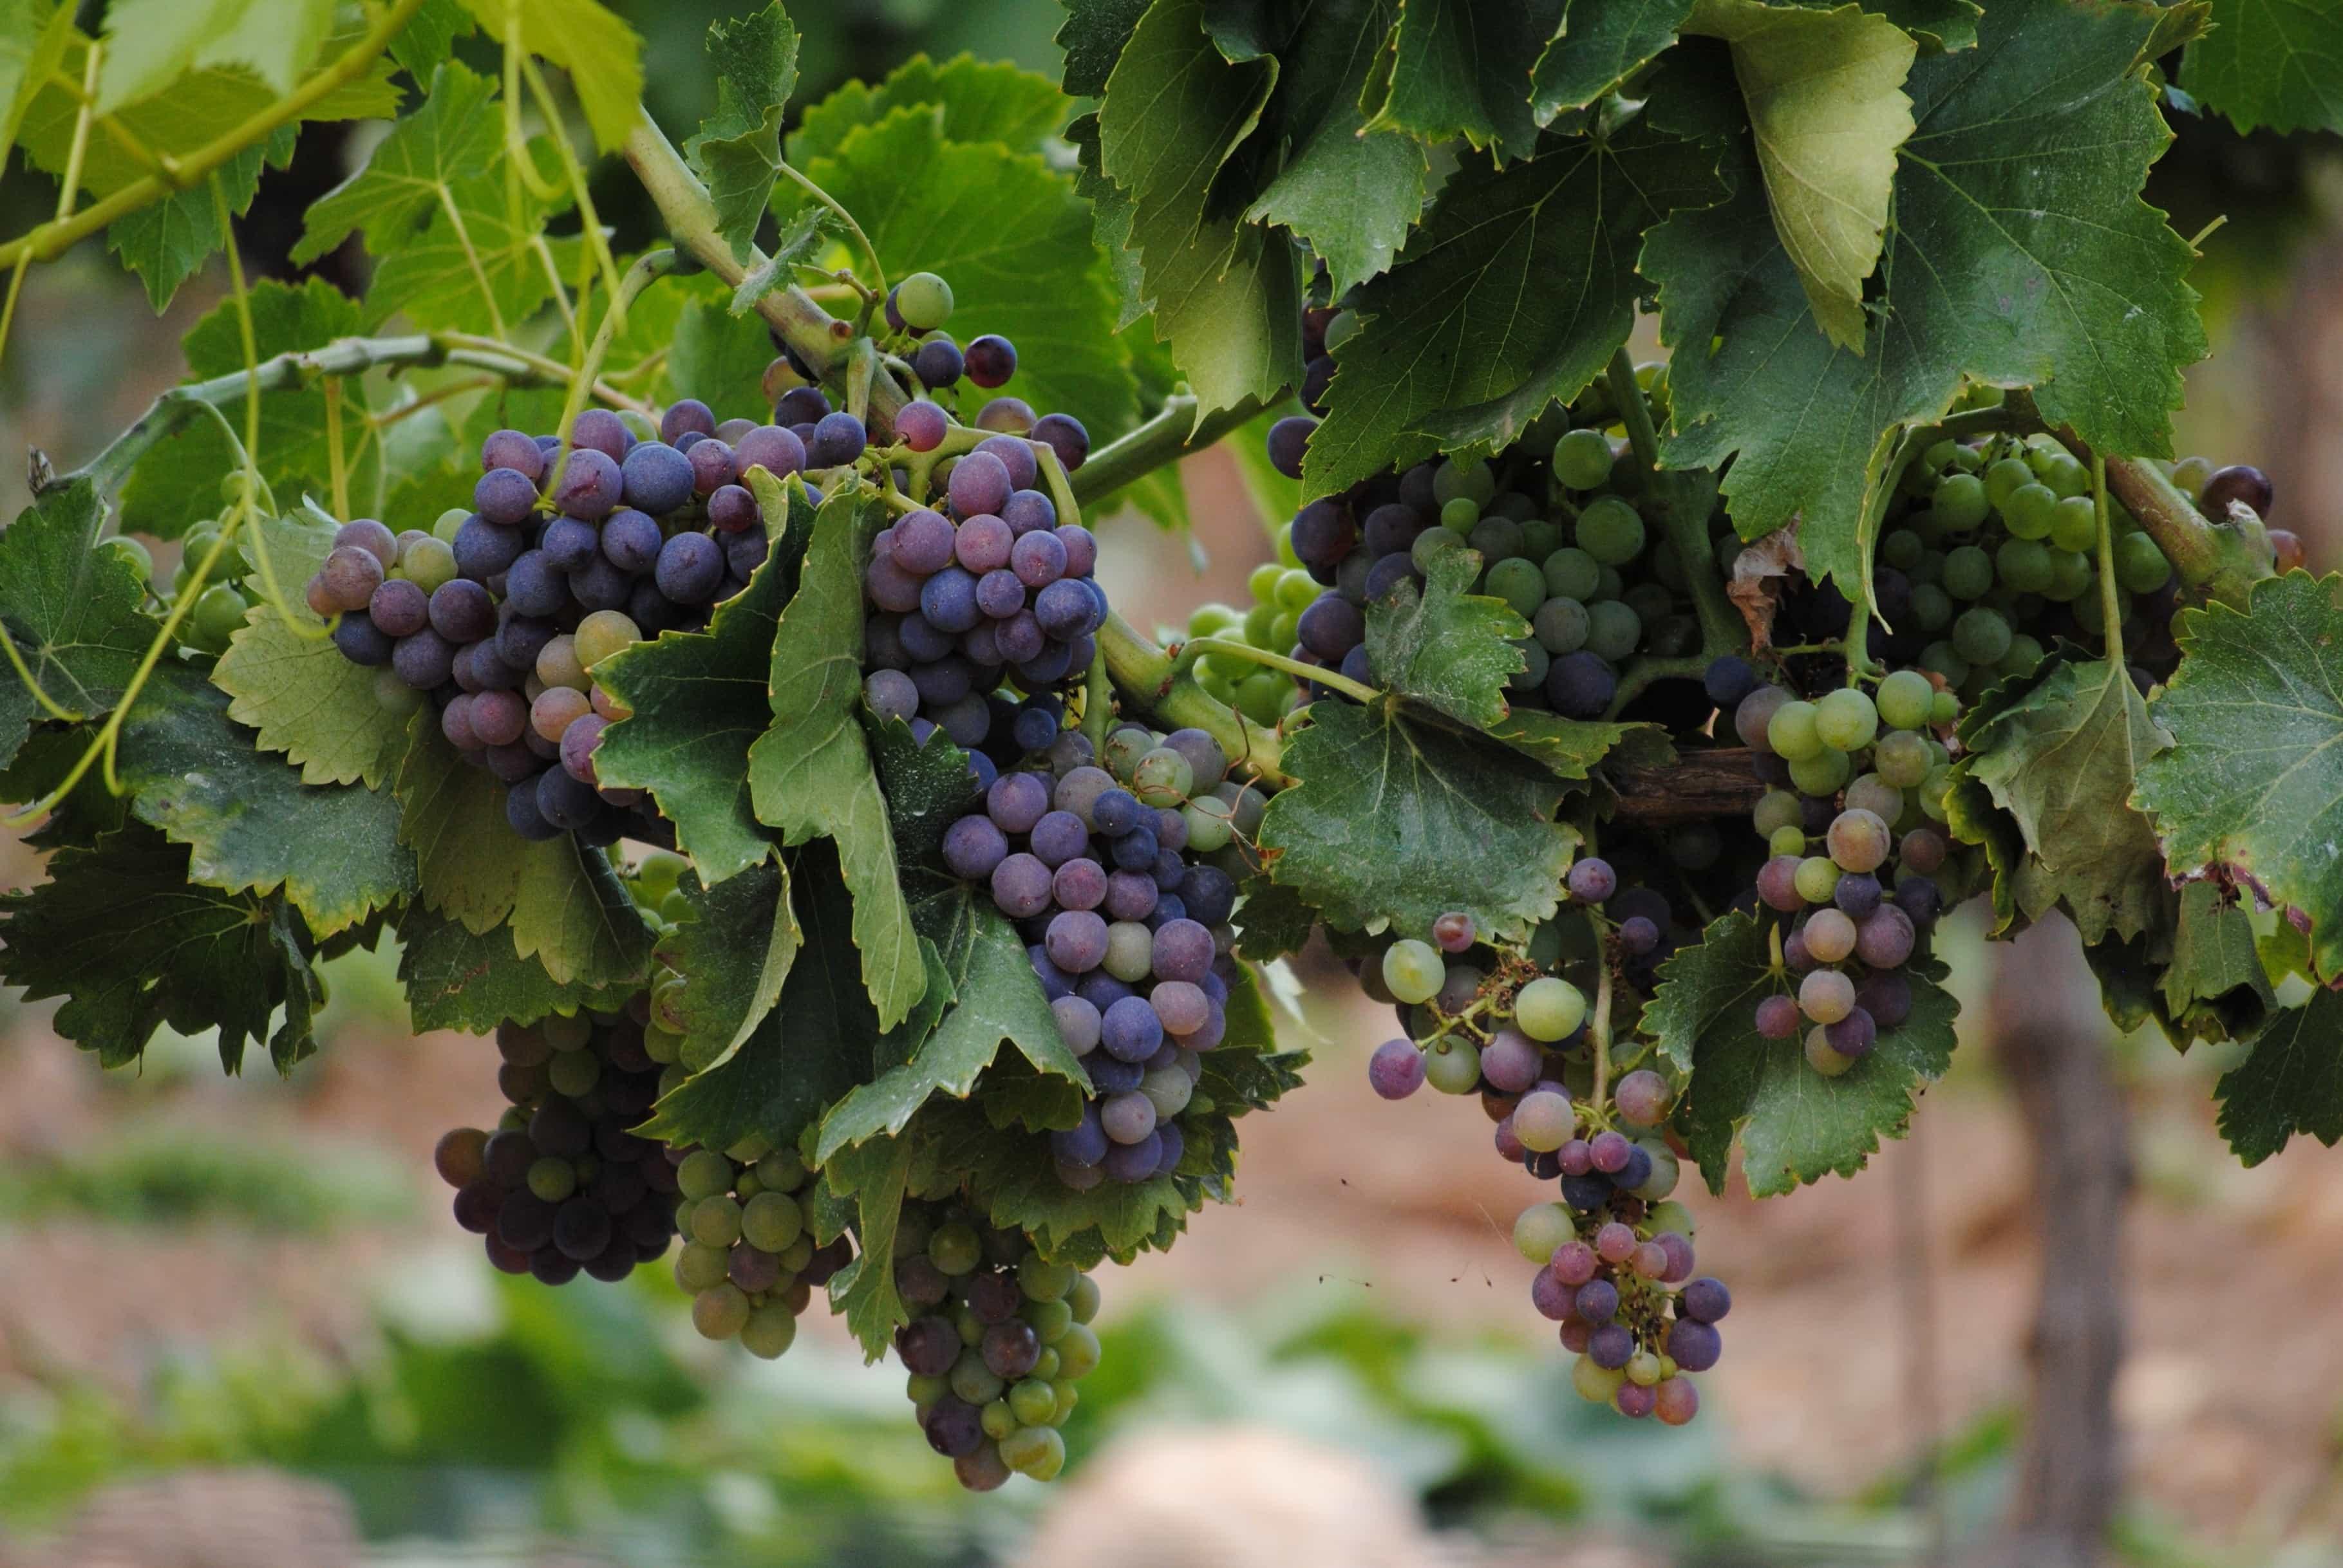 Везенья, картинки виноградной лозы с виноградом